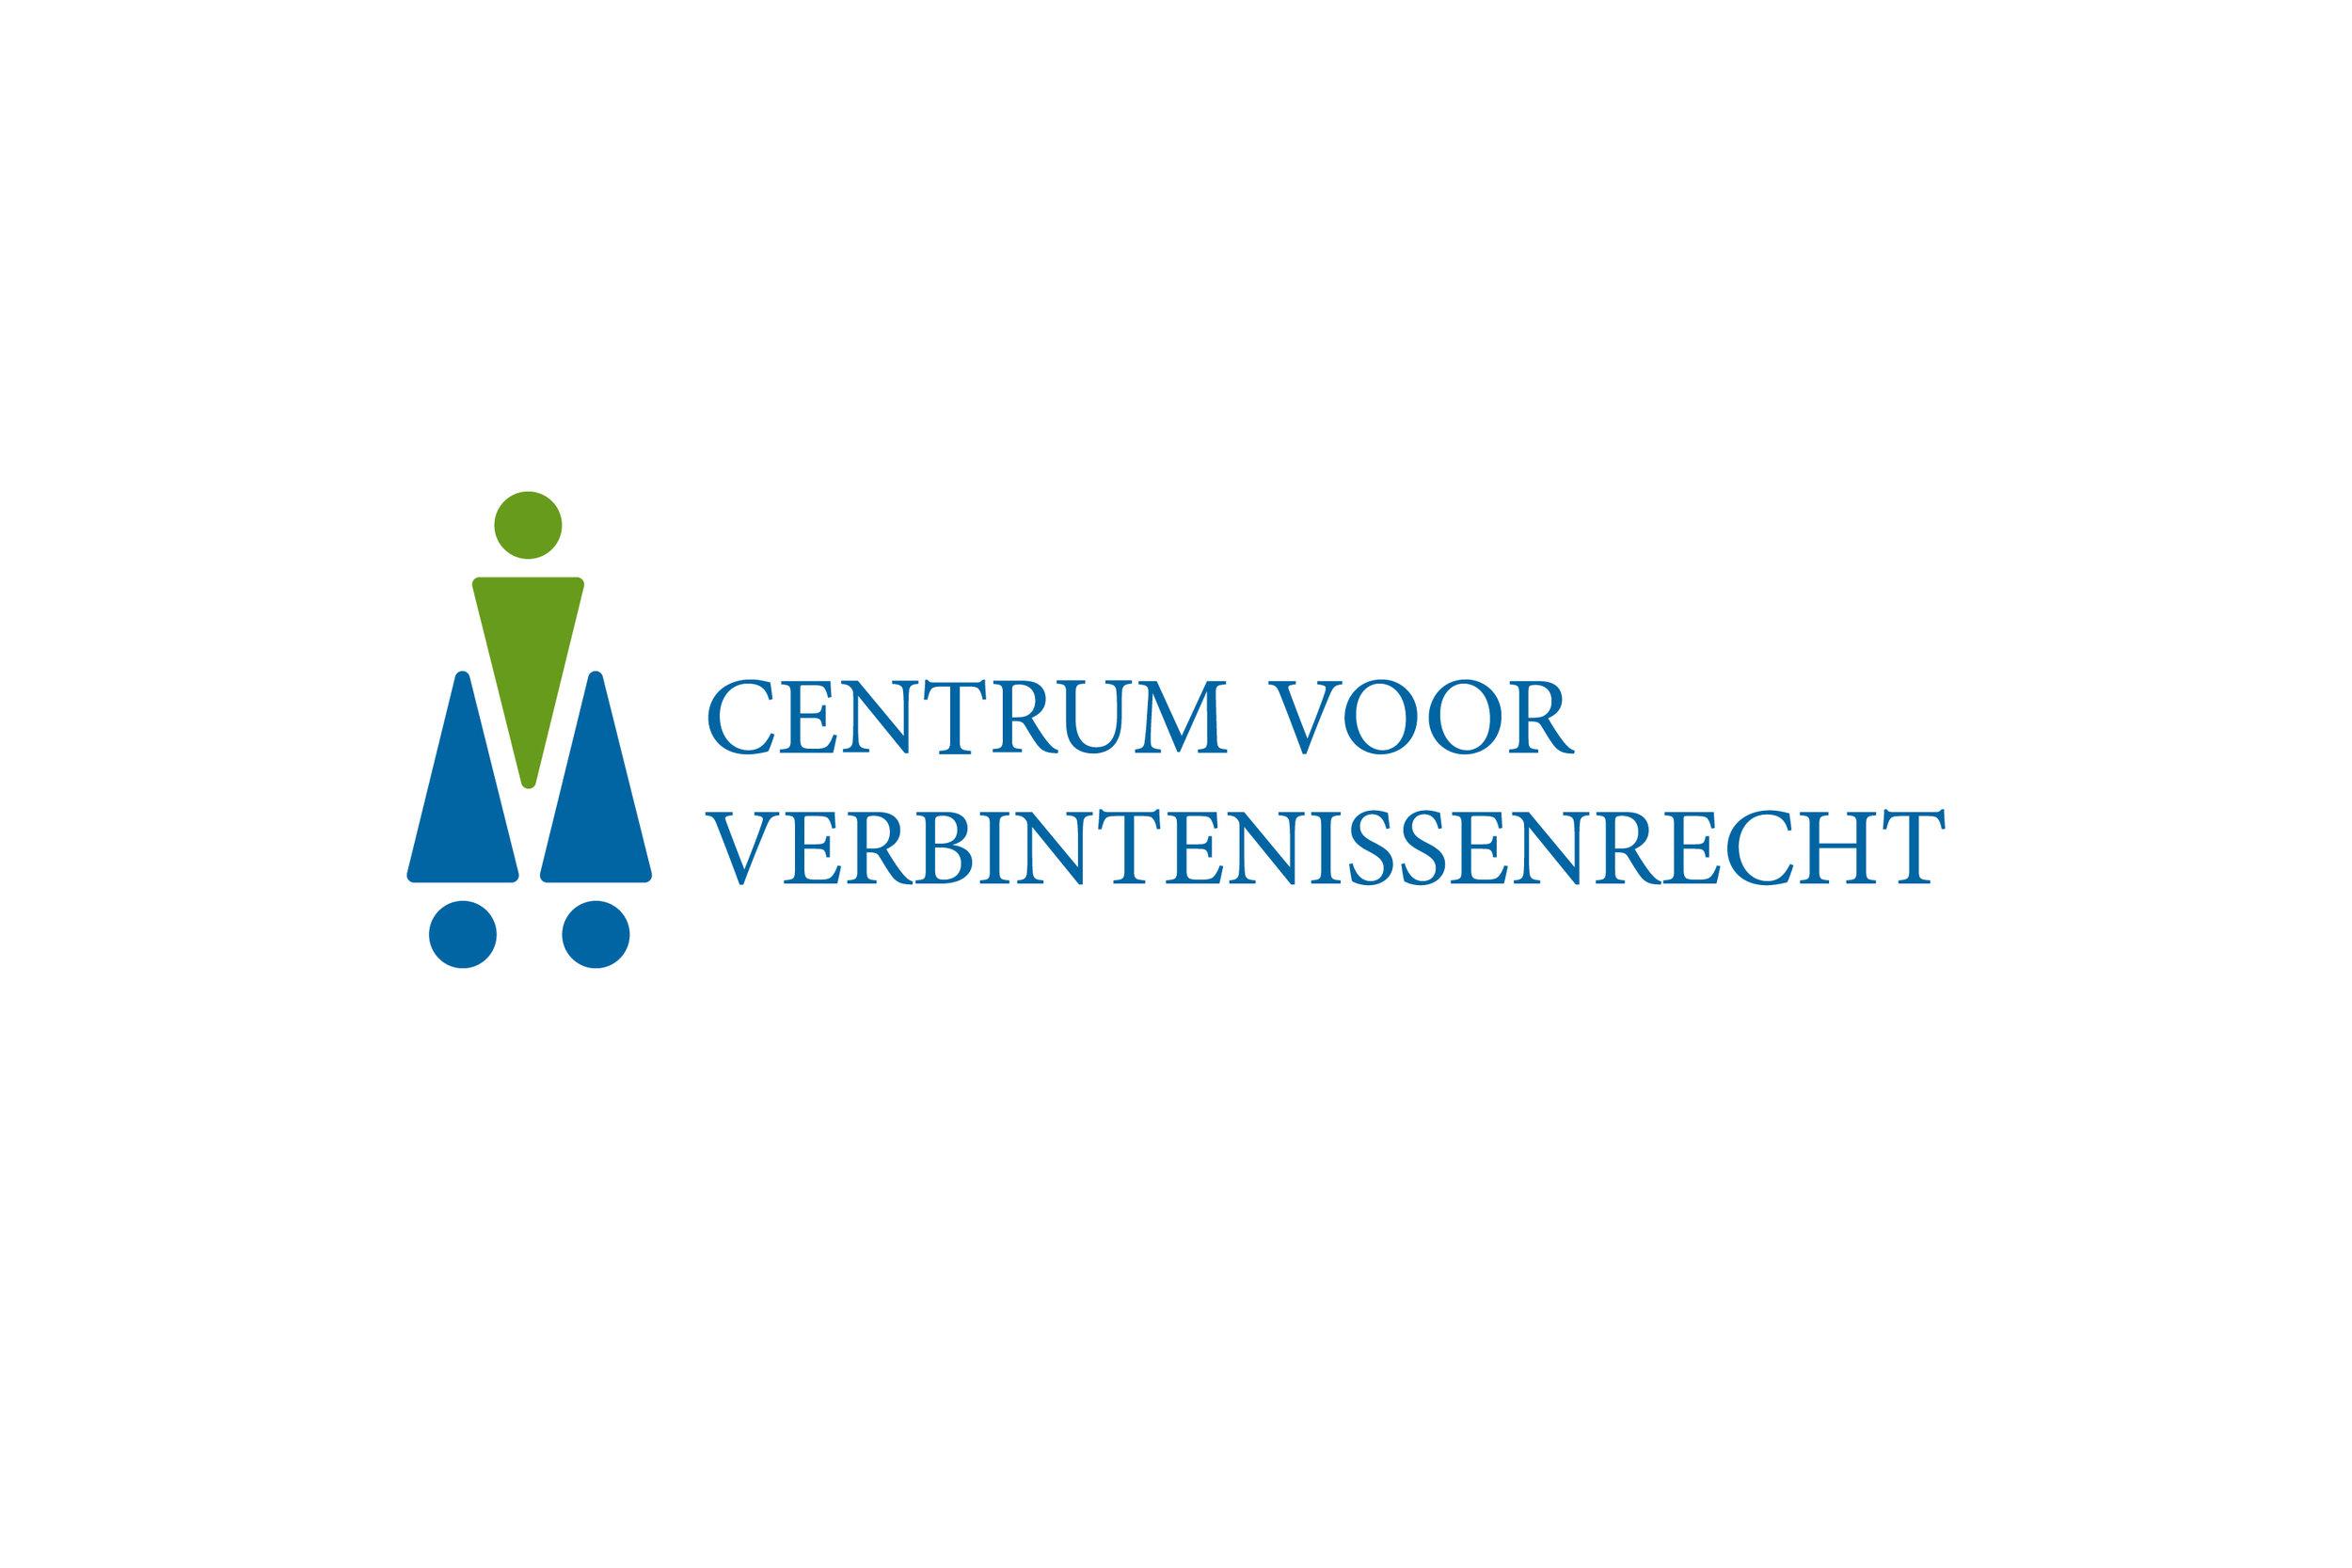 Centrum voor Verbintenissenrecht